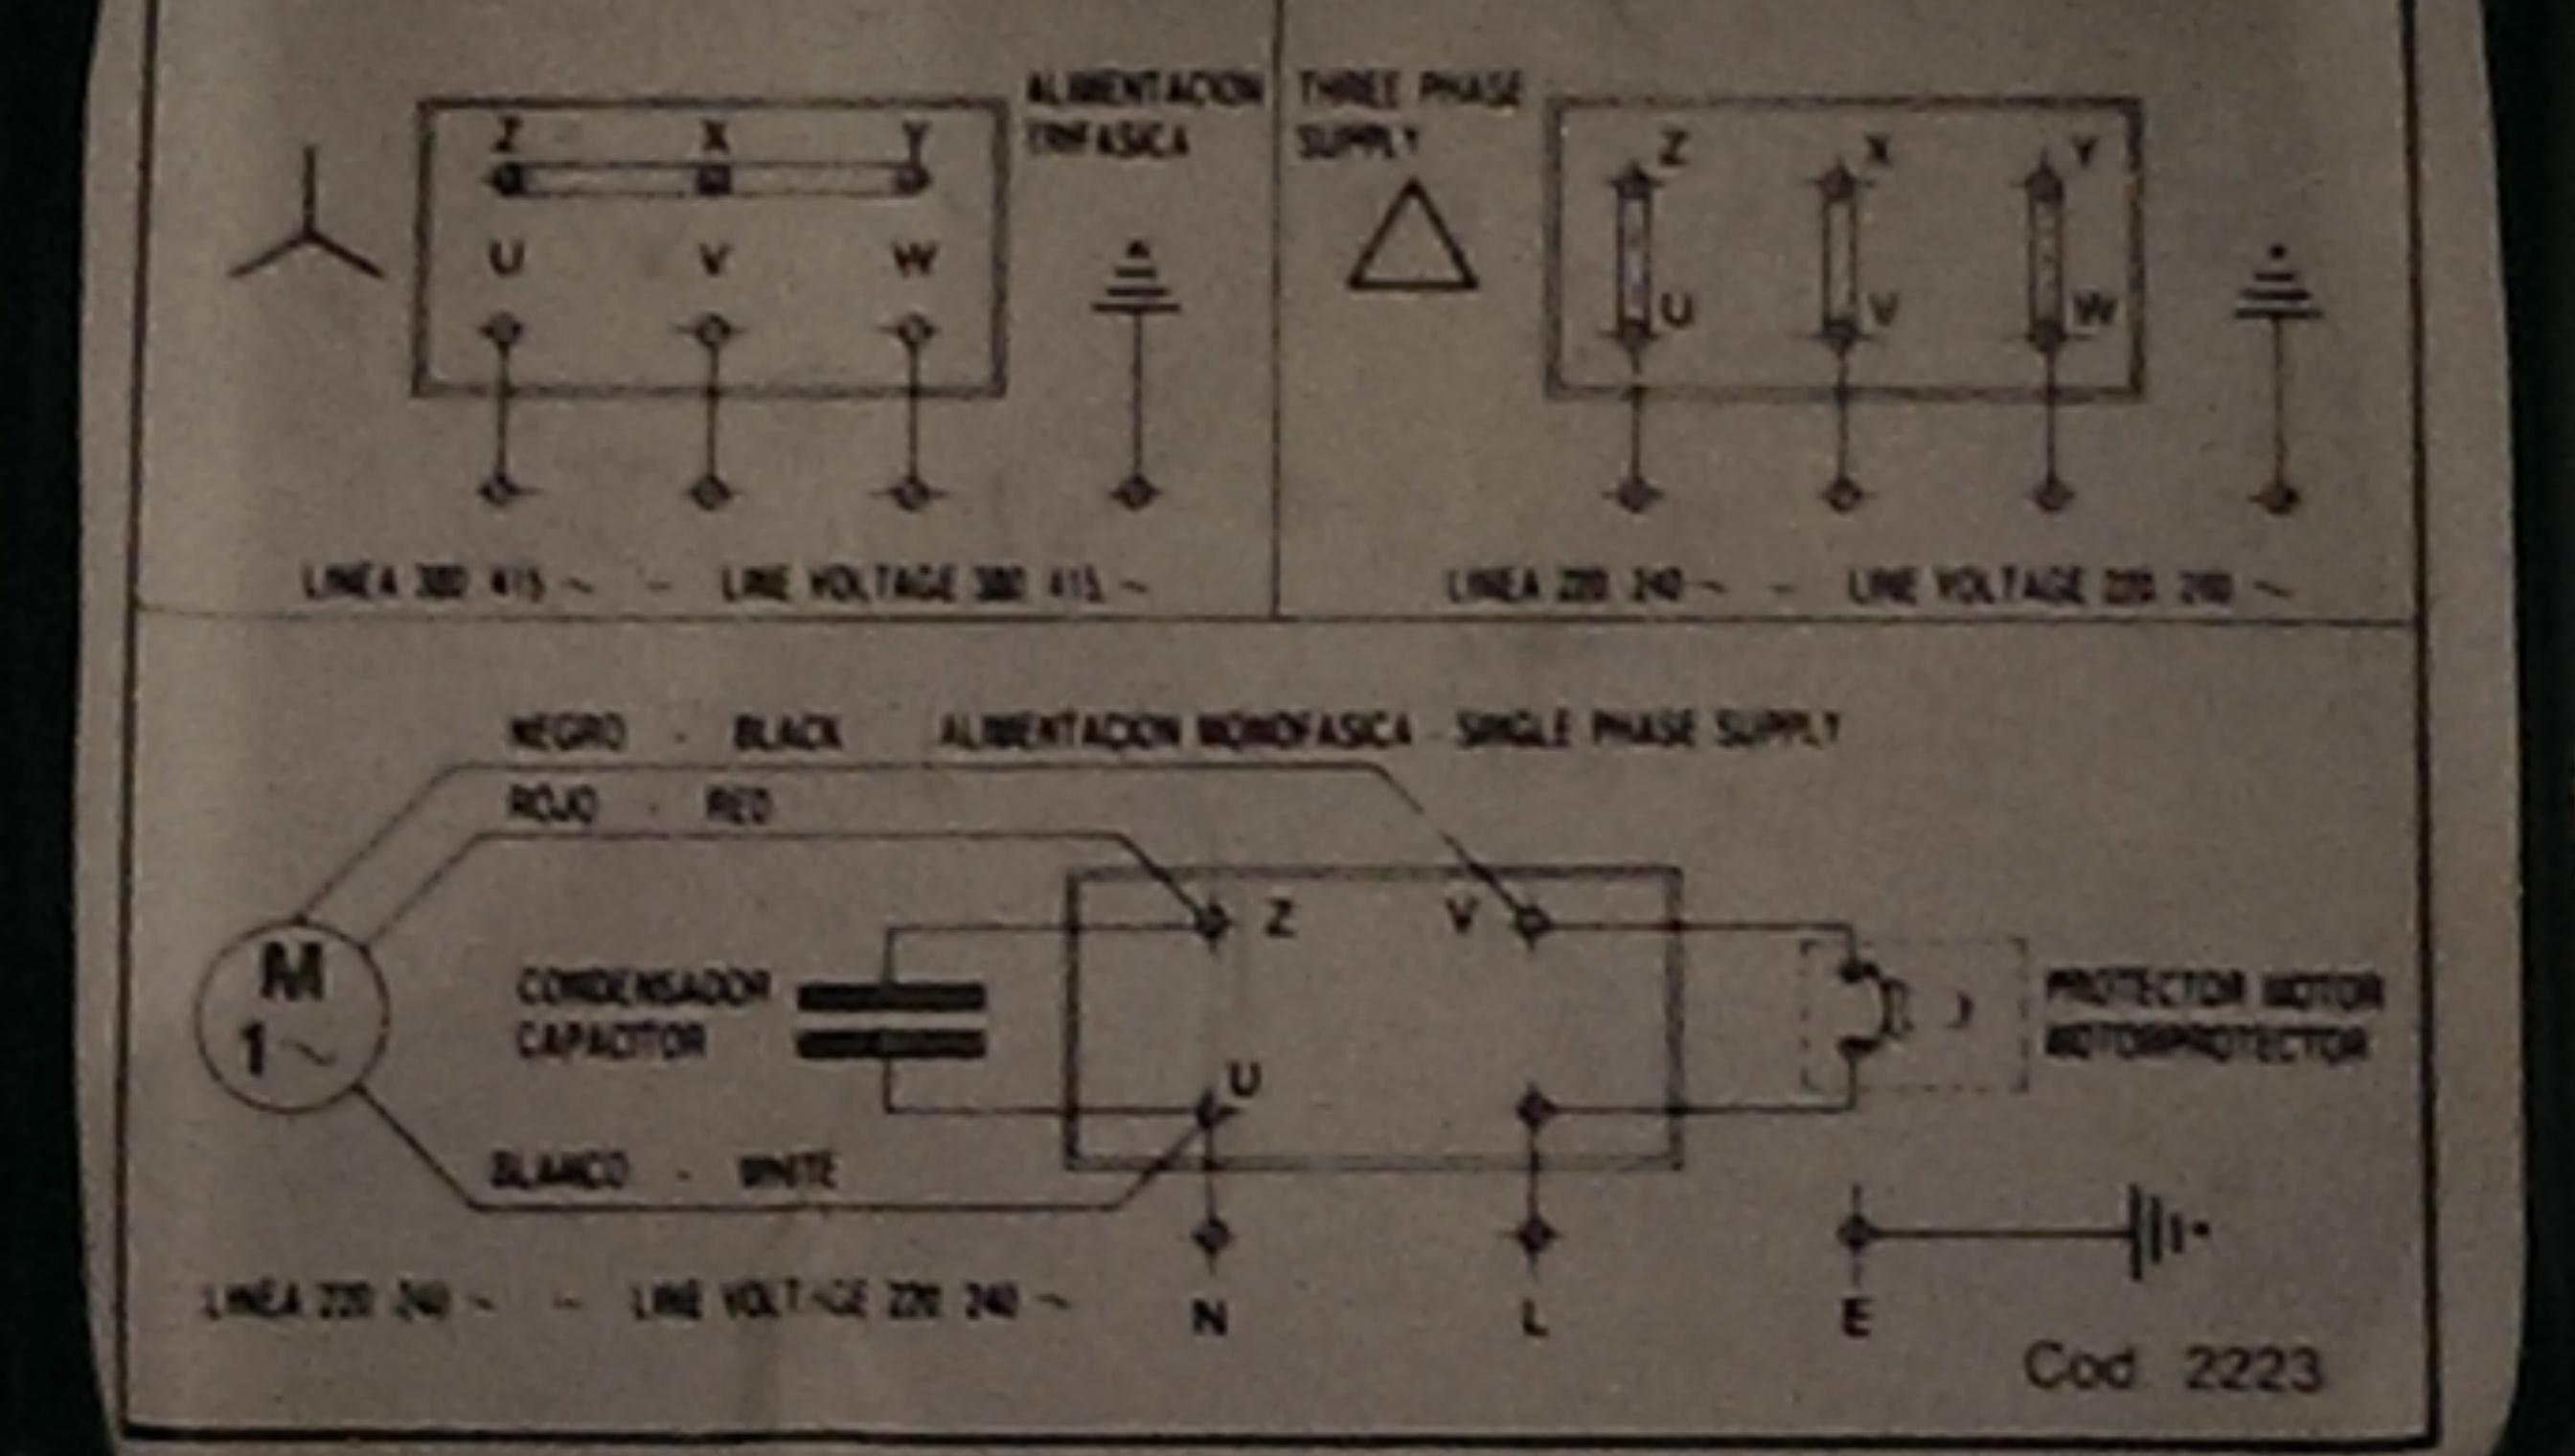 espa 20/5b auf 220 Volt umbauen/Anlaufkondensator (Technik, Haus)